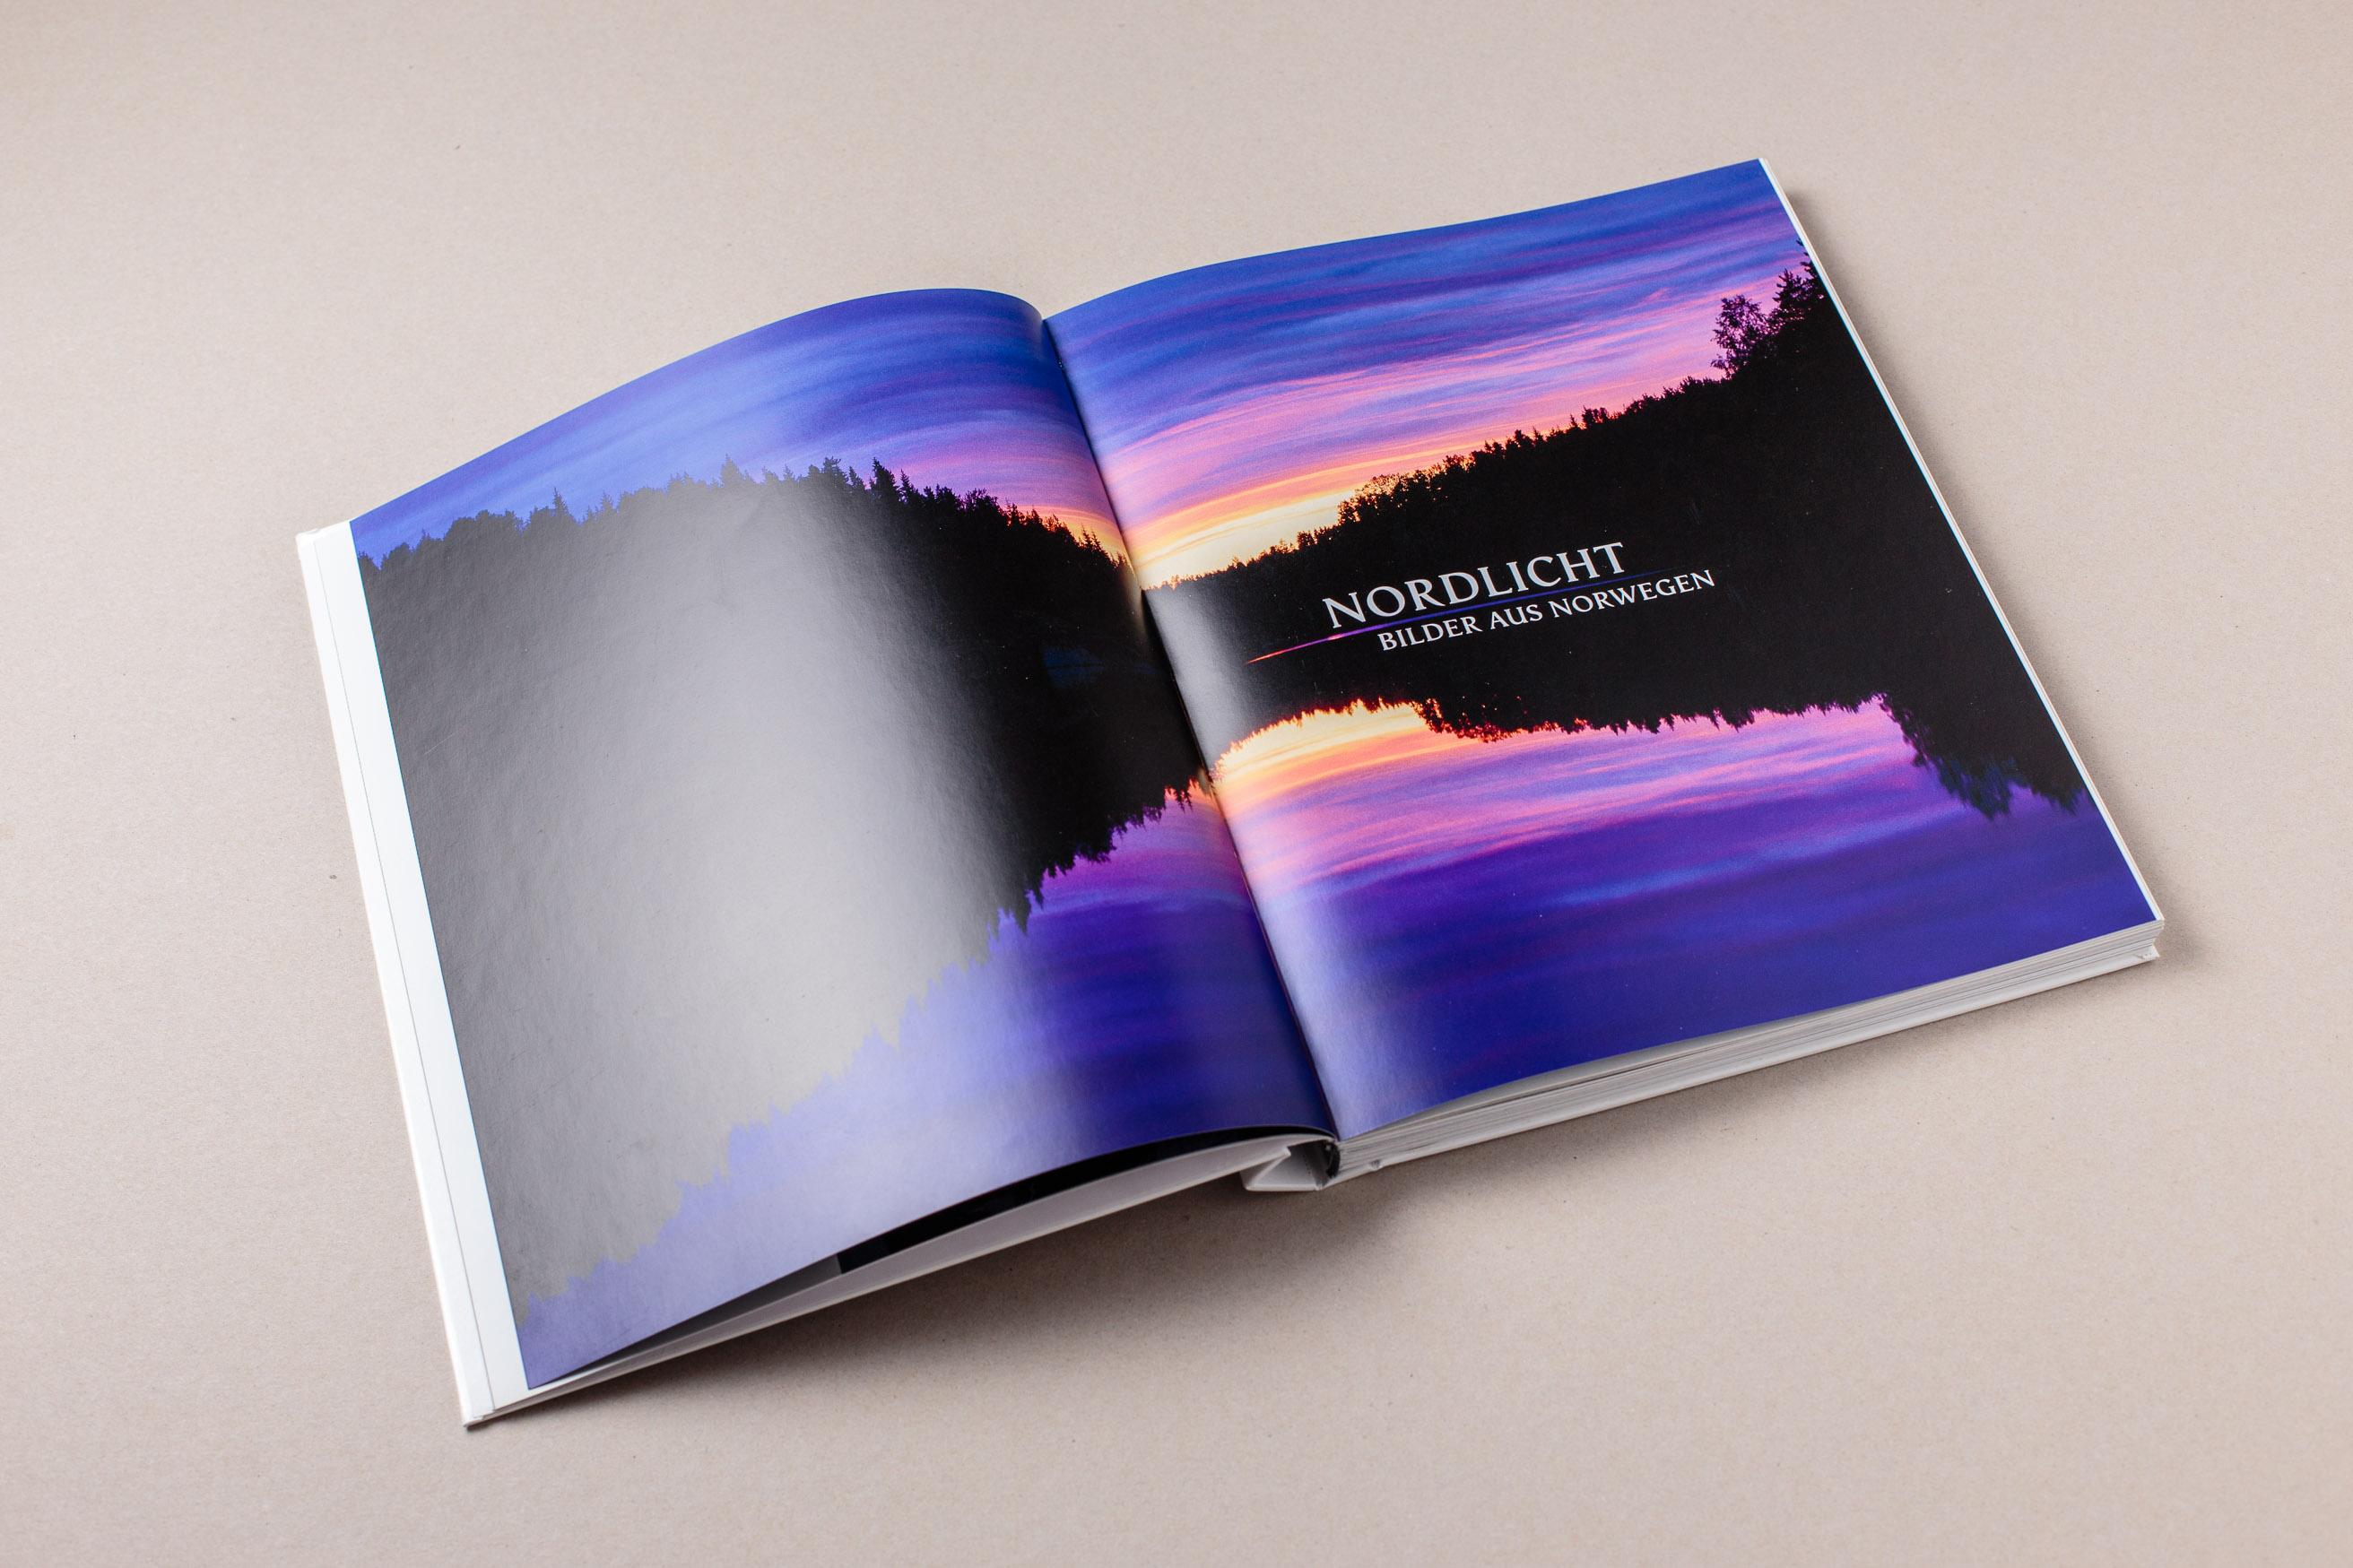 Doppelseite mit Titel, Nordlicht